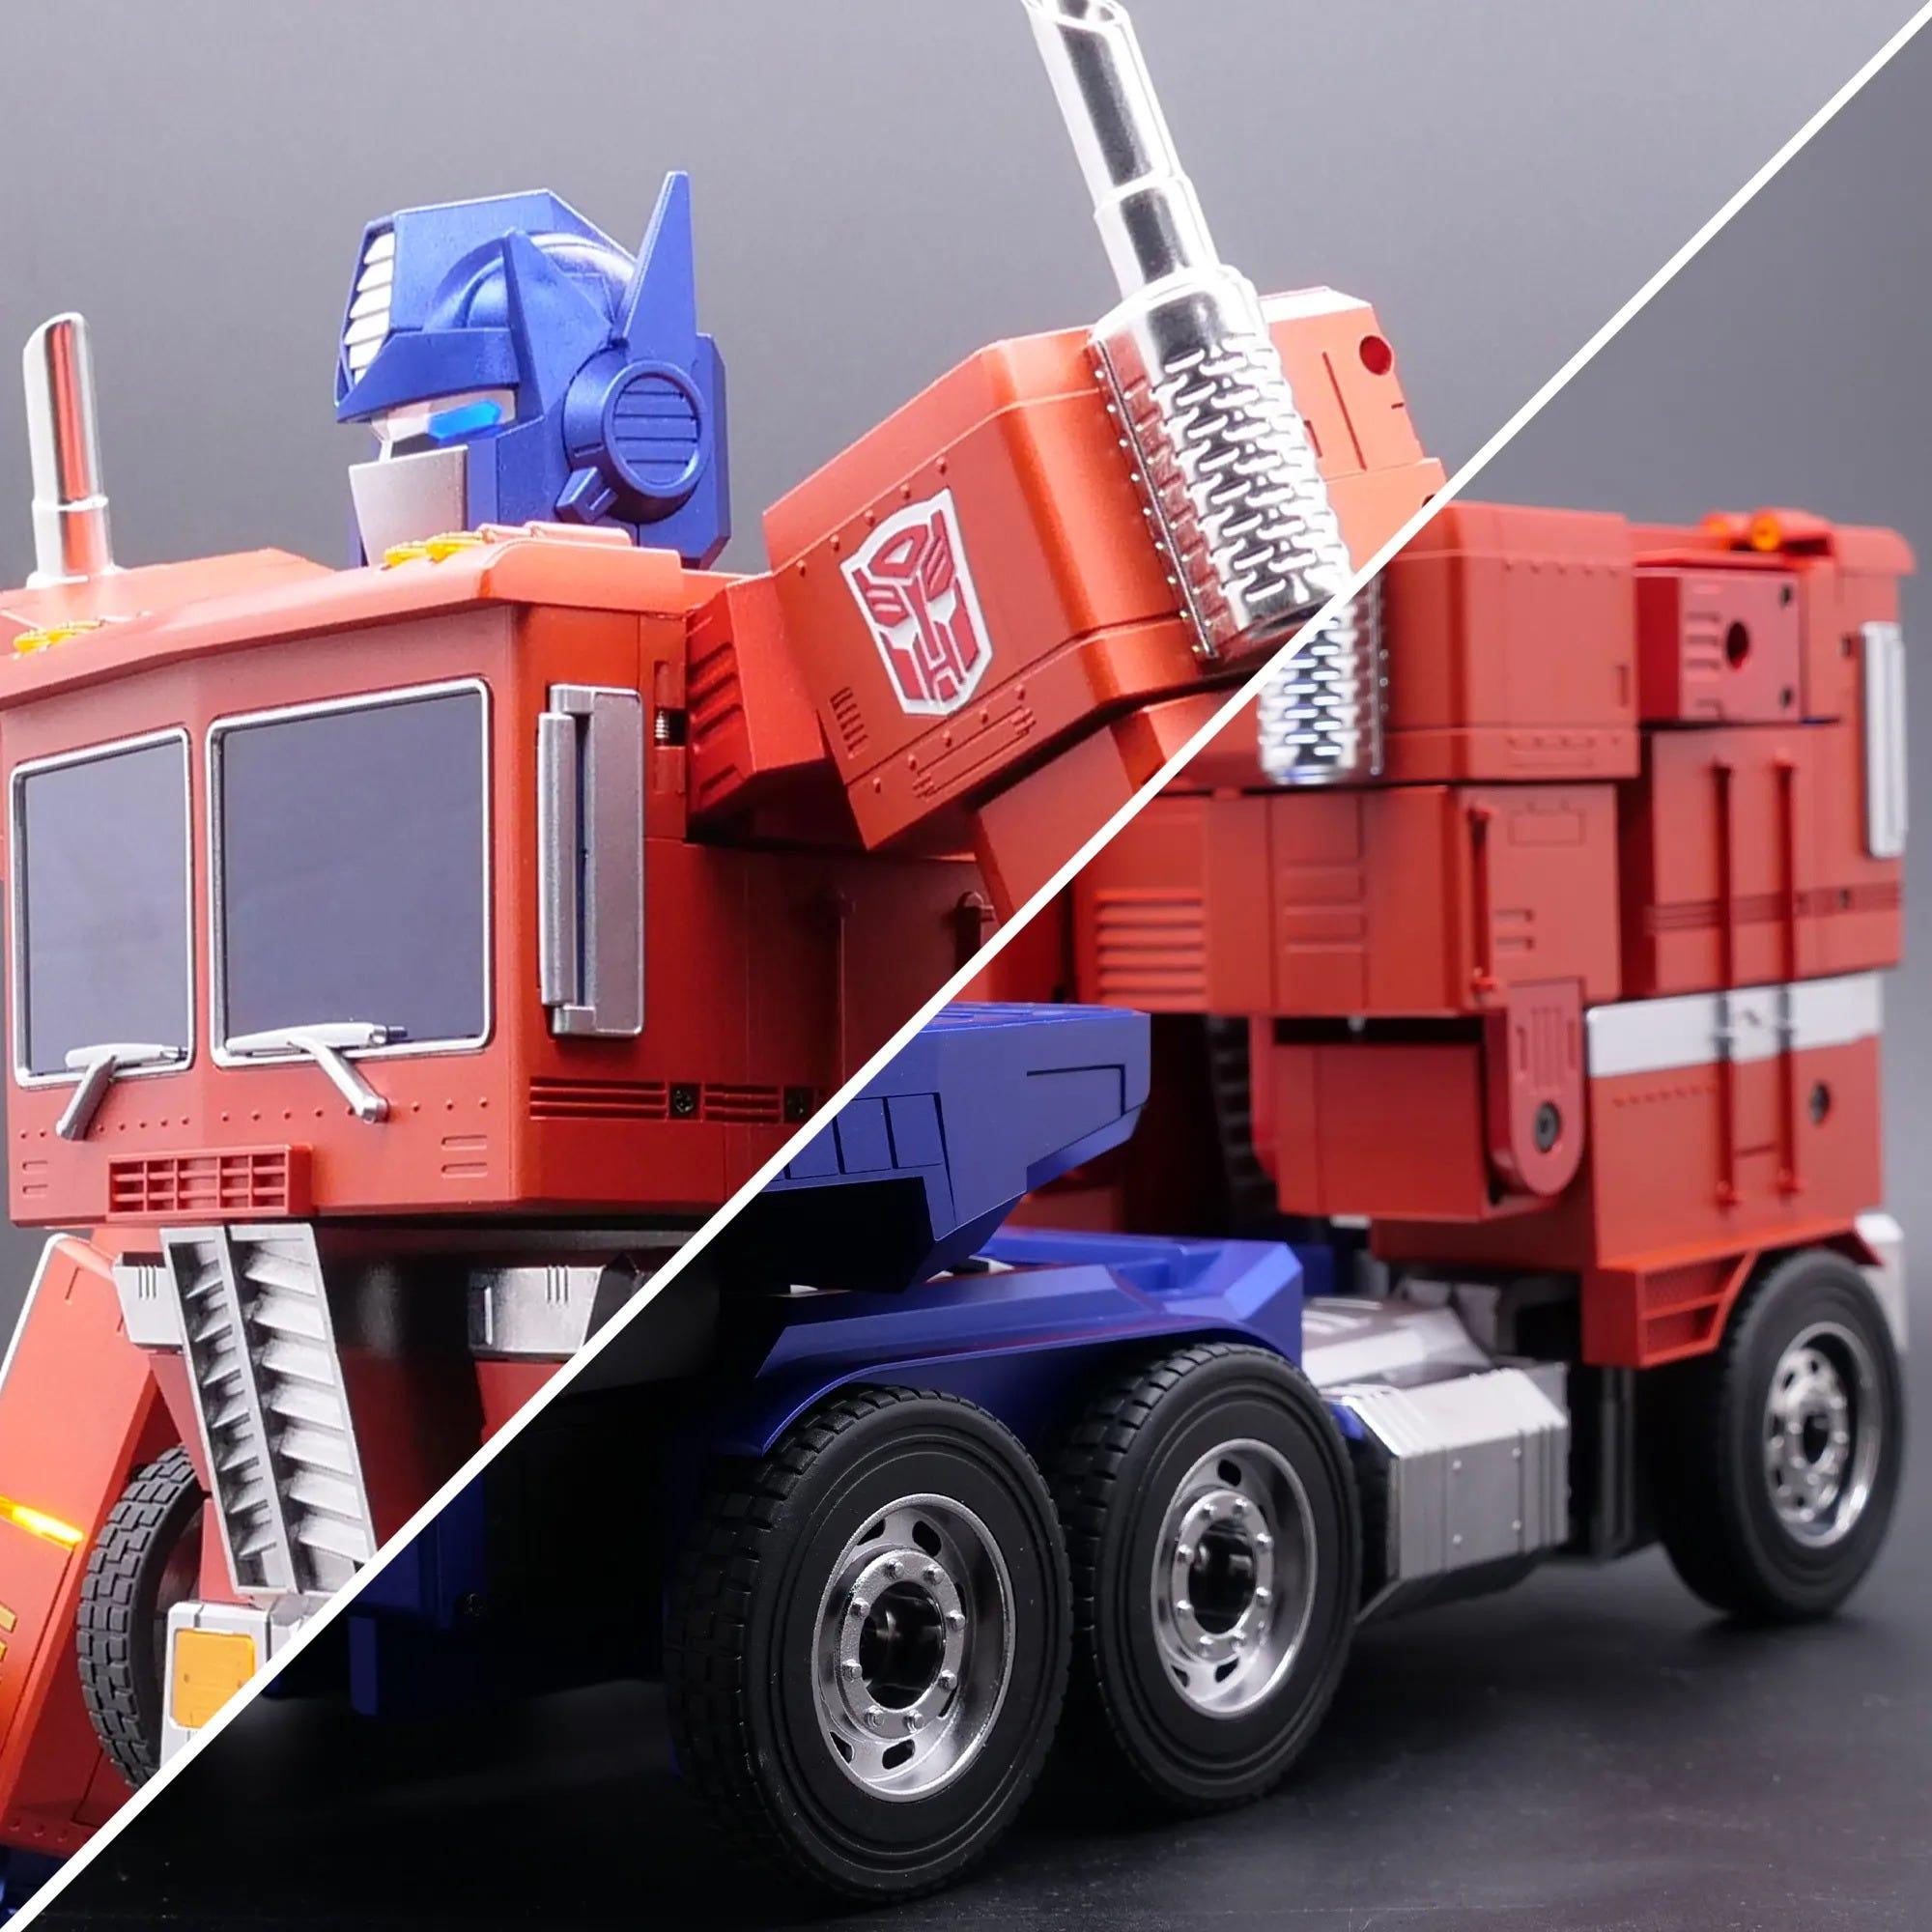 Optimus Prime Auto-Converting Collector's Edition